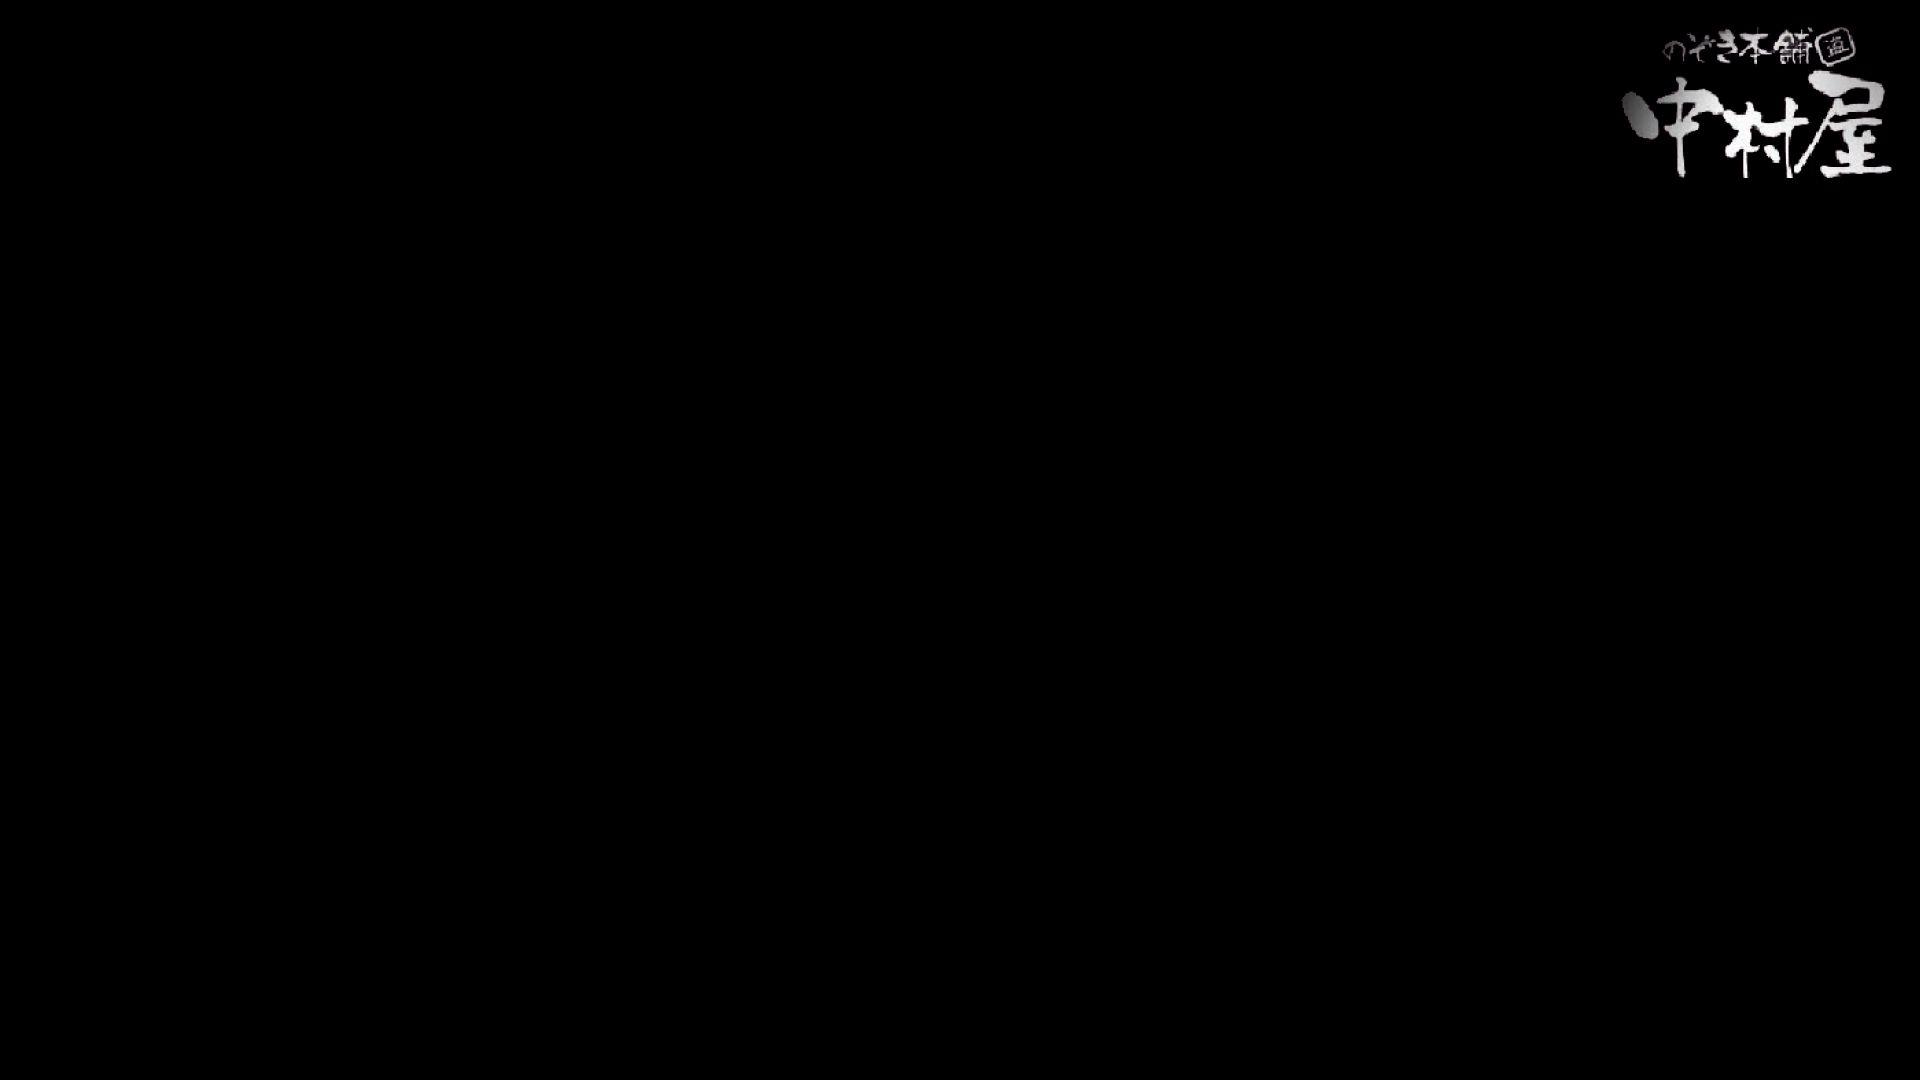 【世界の射窓から】世界の射窓から vol.7 洗面所  49連発 10